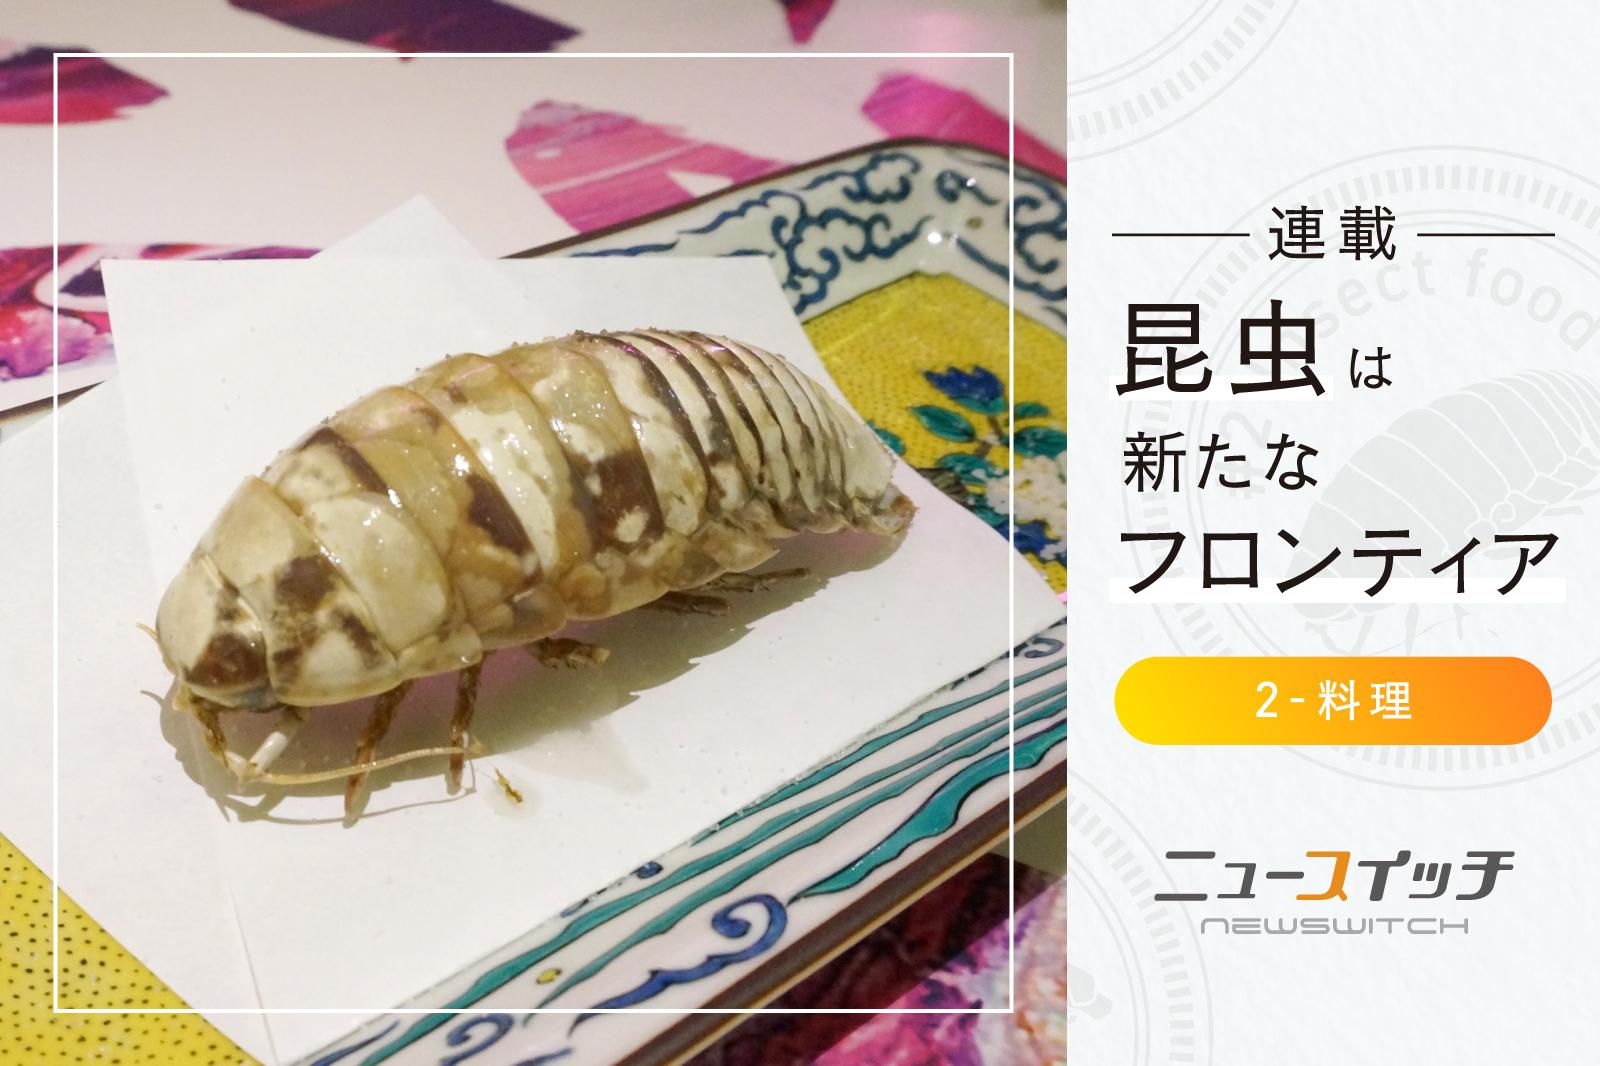 「オオグソクムシの姿揚げ」はどんな味?昆虫料理にかける熱情の料理人たち(注:虫多め!)